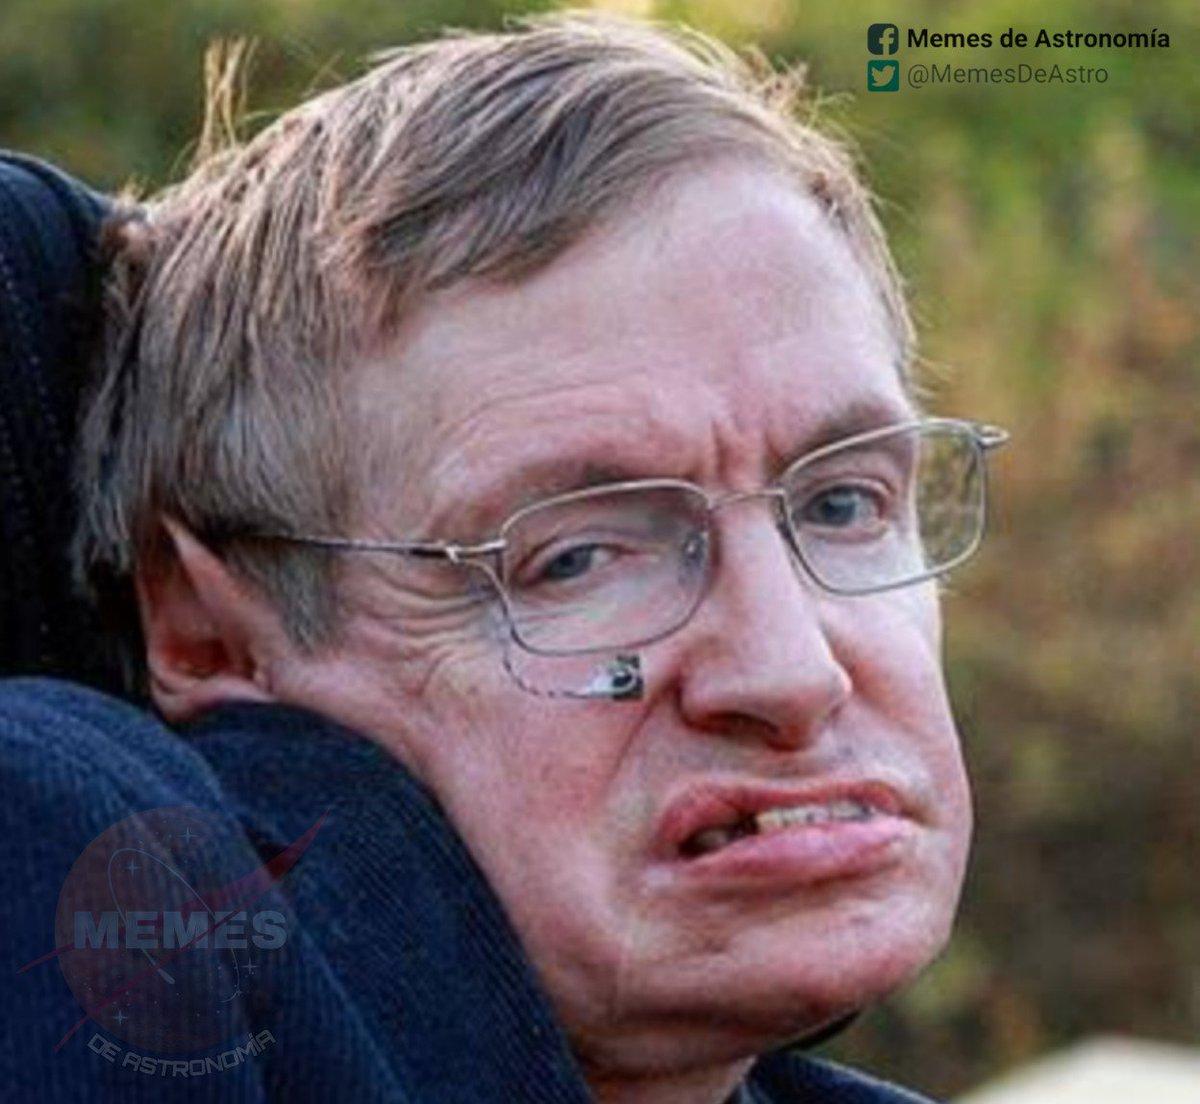 Stephen Hawking viendo cómo te emocionas con la escena de Interestelar en dónde Cooper atraviesa el horizonte de sucesos y sobrevive.